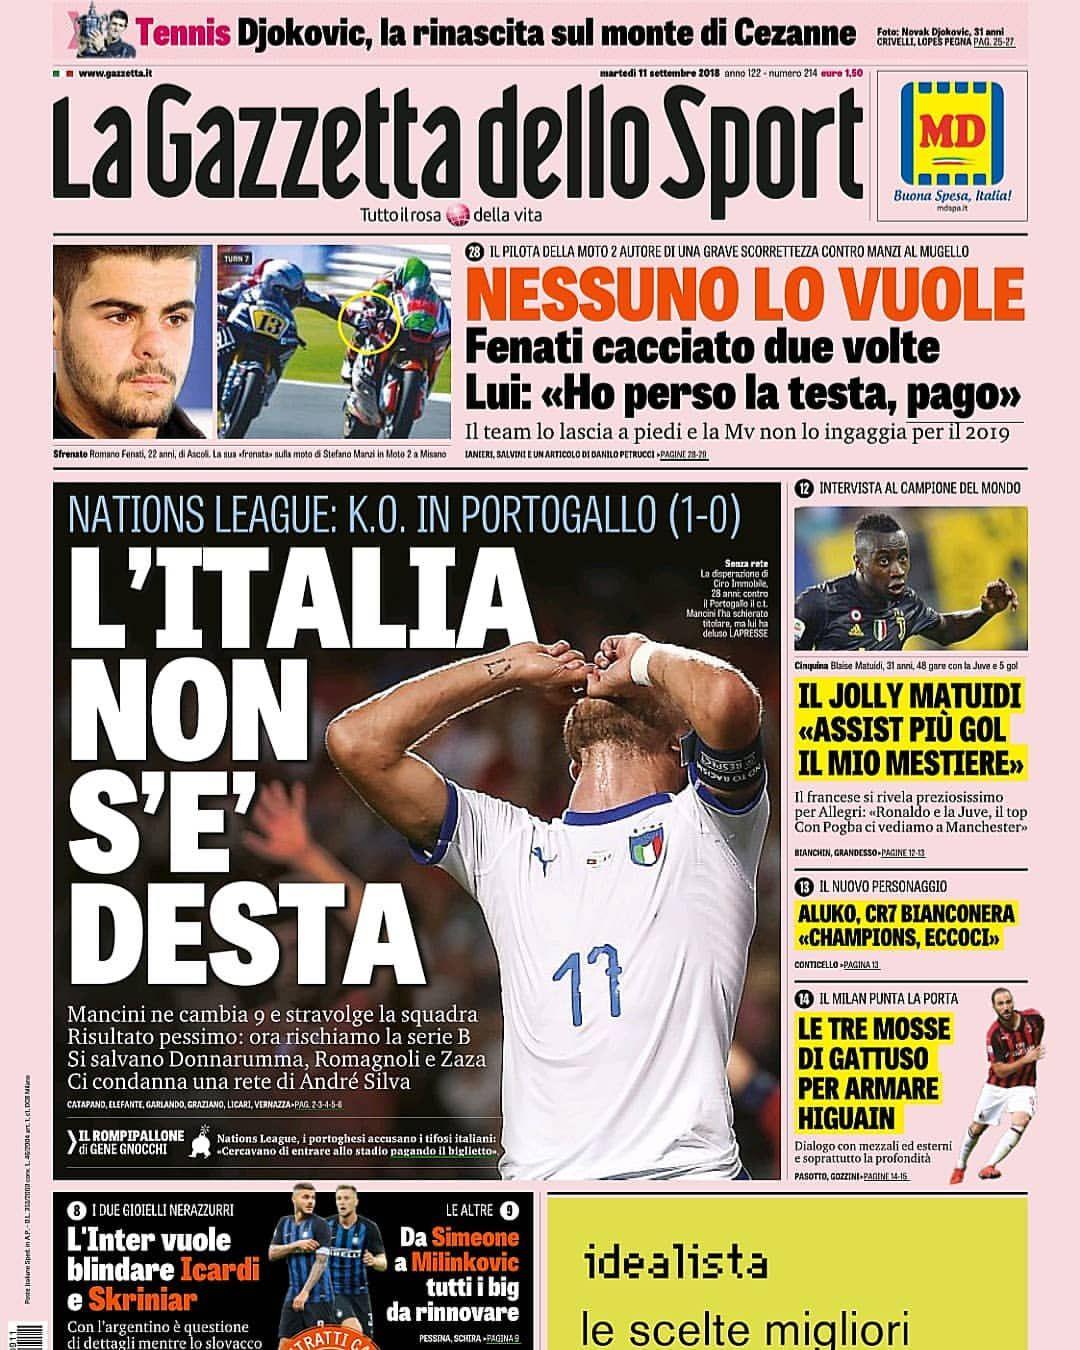 Prima pagina Gazzetta 11/09/2018 ⚽ L'Italia non s'è desta